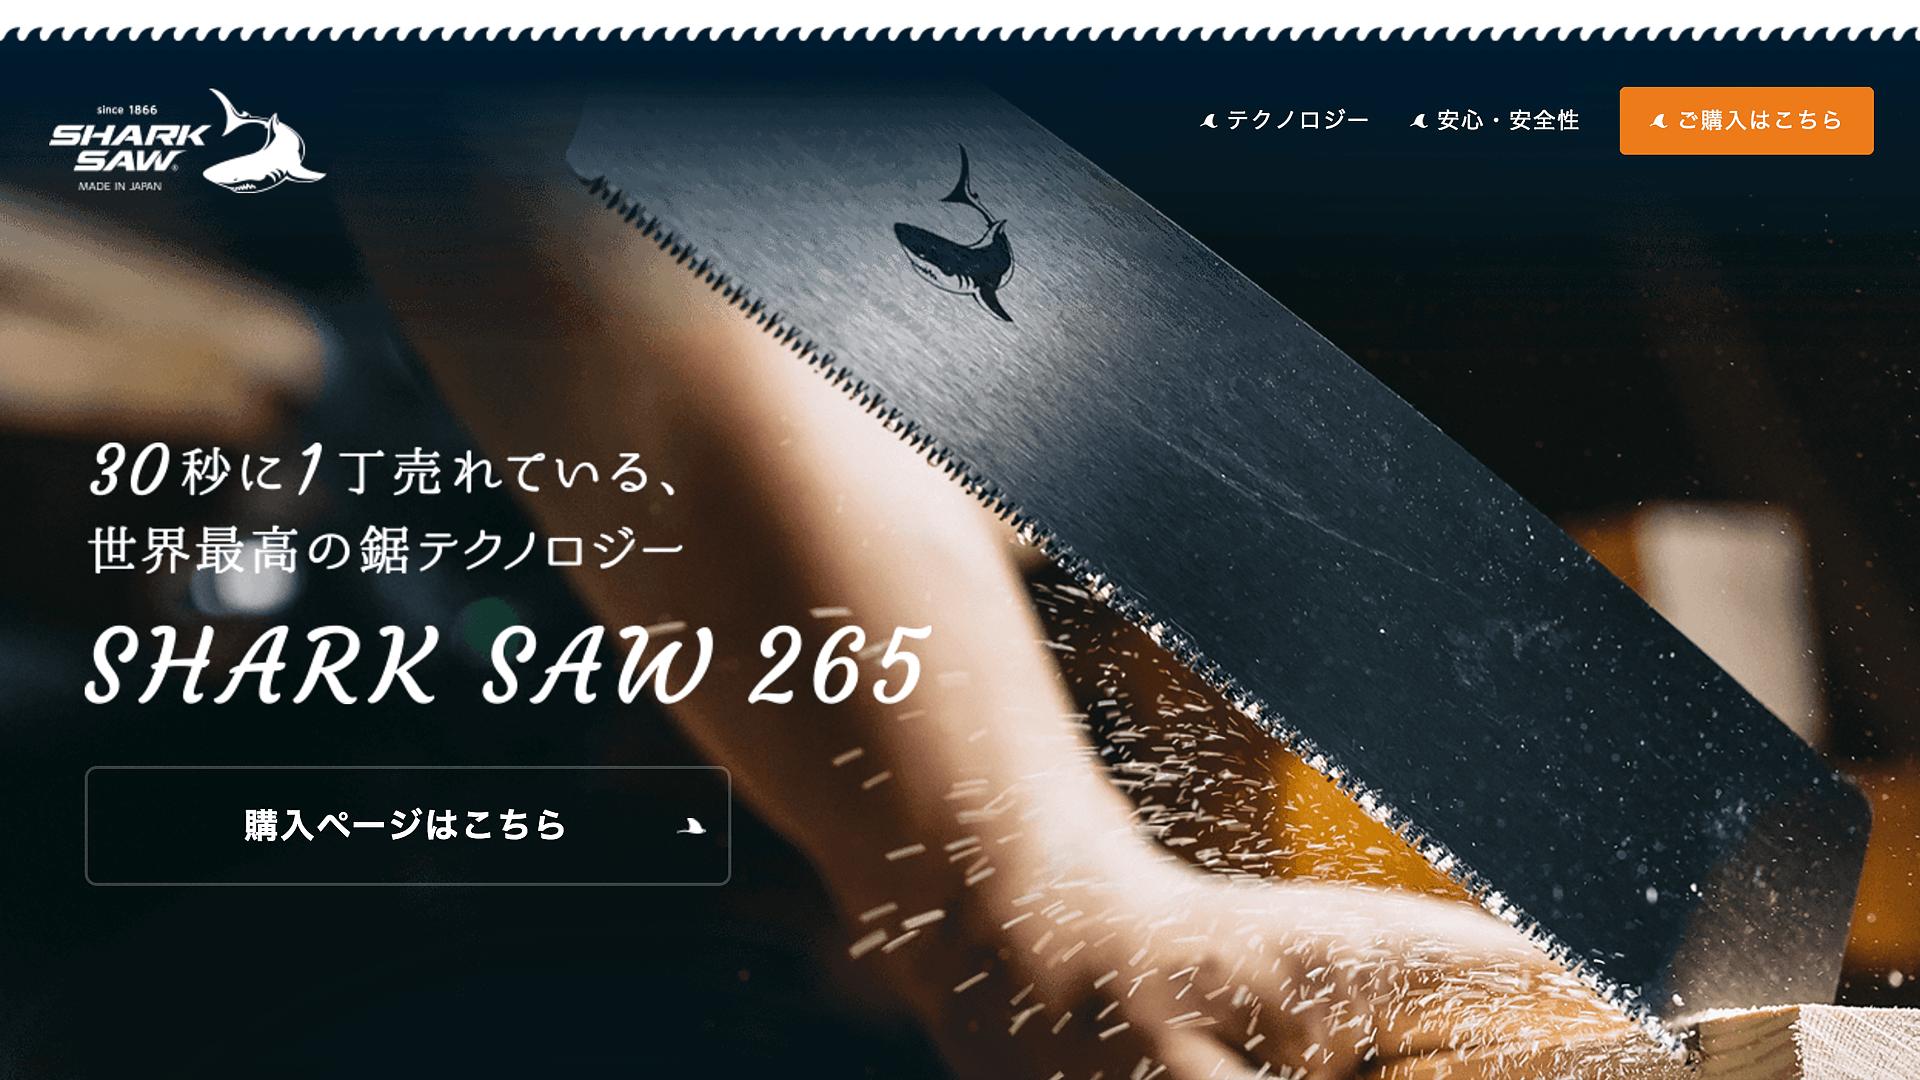 SHARK SAW